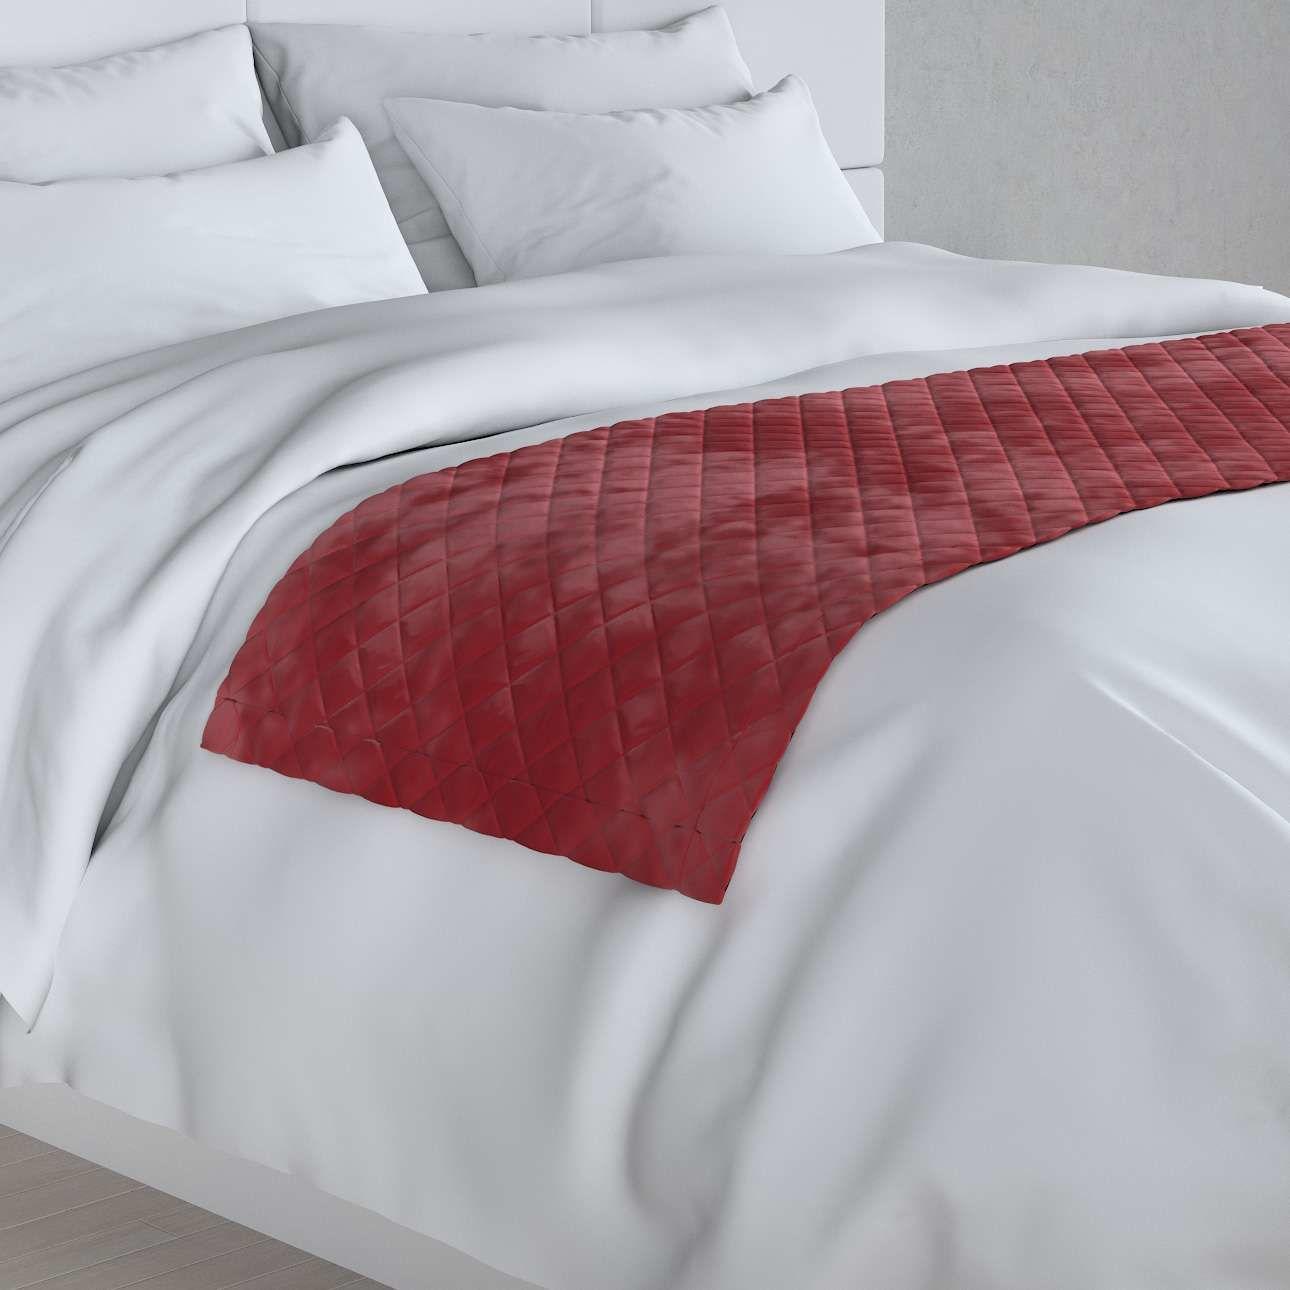 Narzuta hotelowa bieżnik Velvet 60x200cm, intensywna czerwień, 60 x 200 cm, Velvet